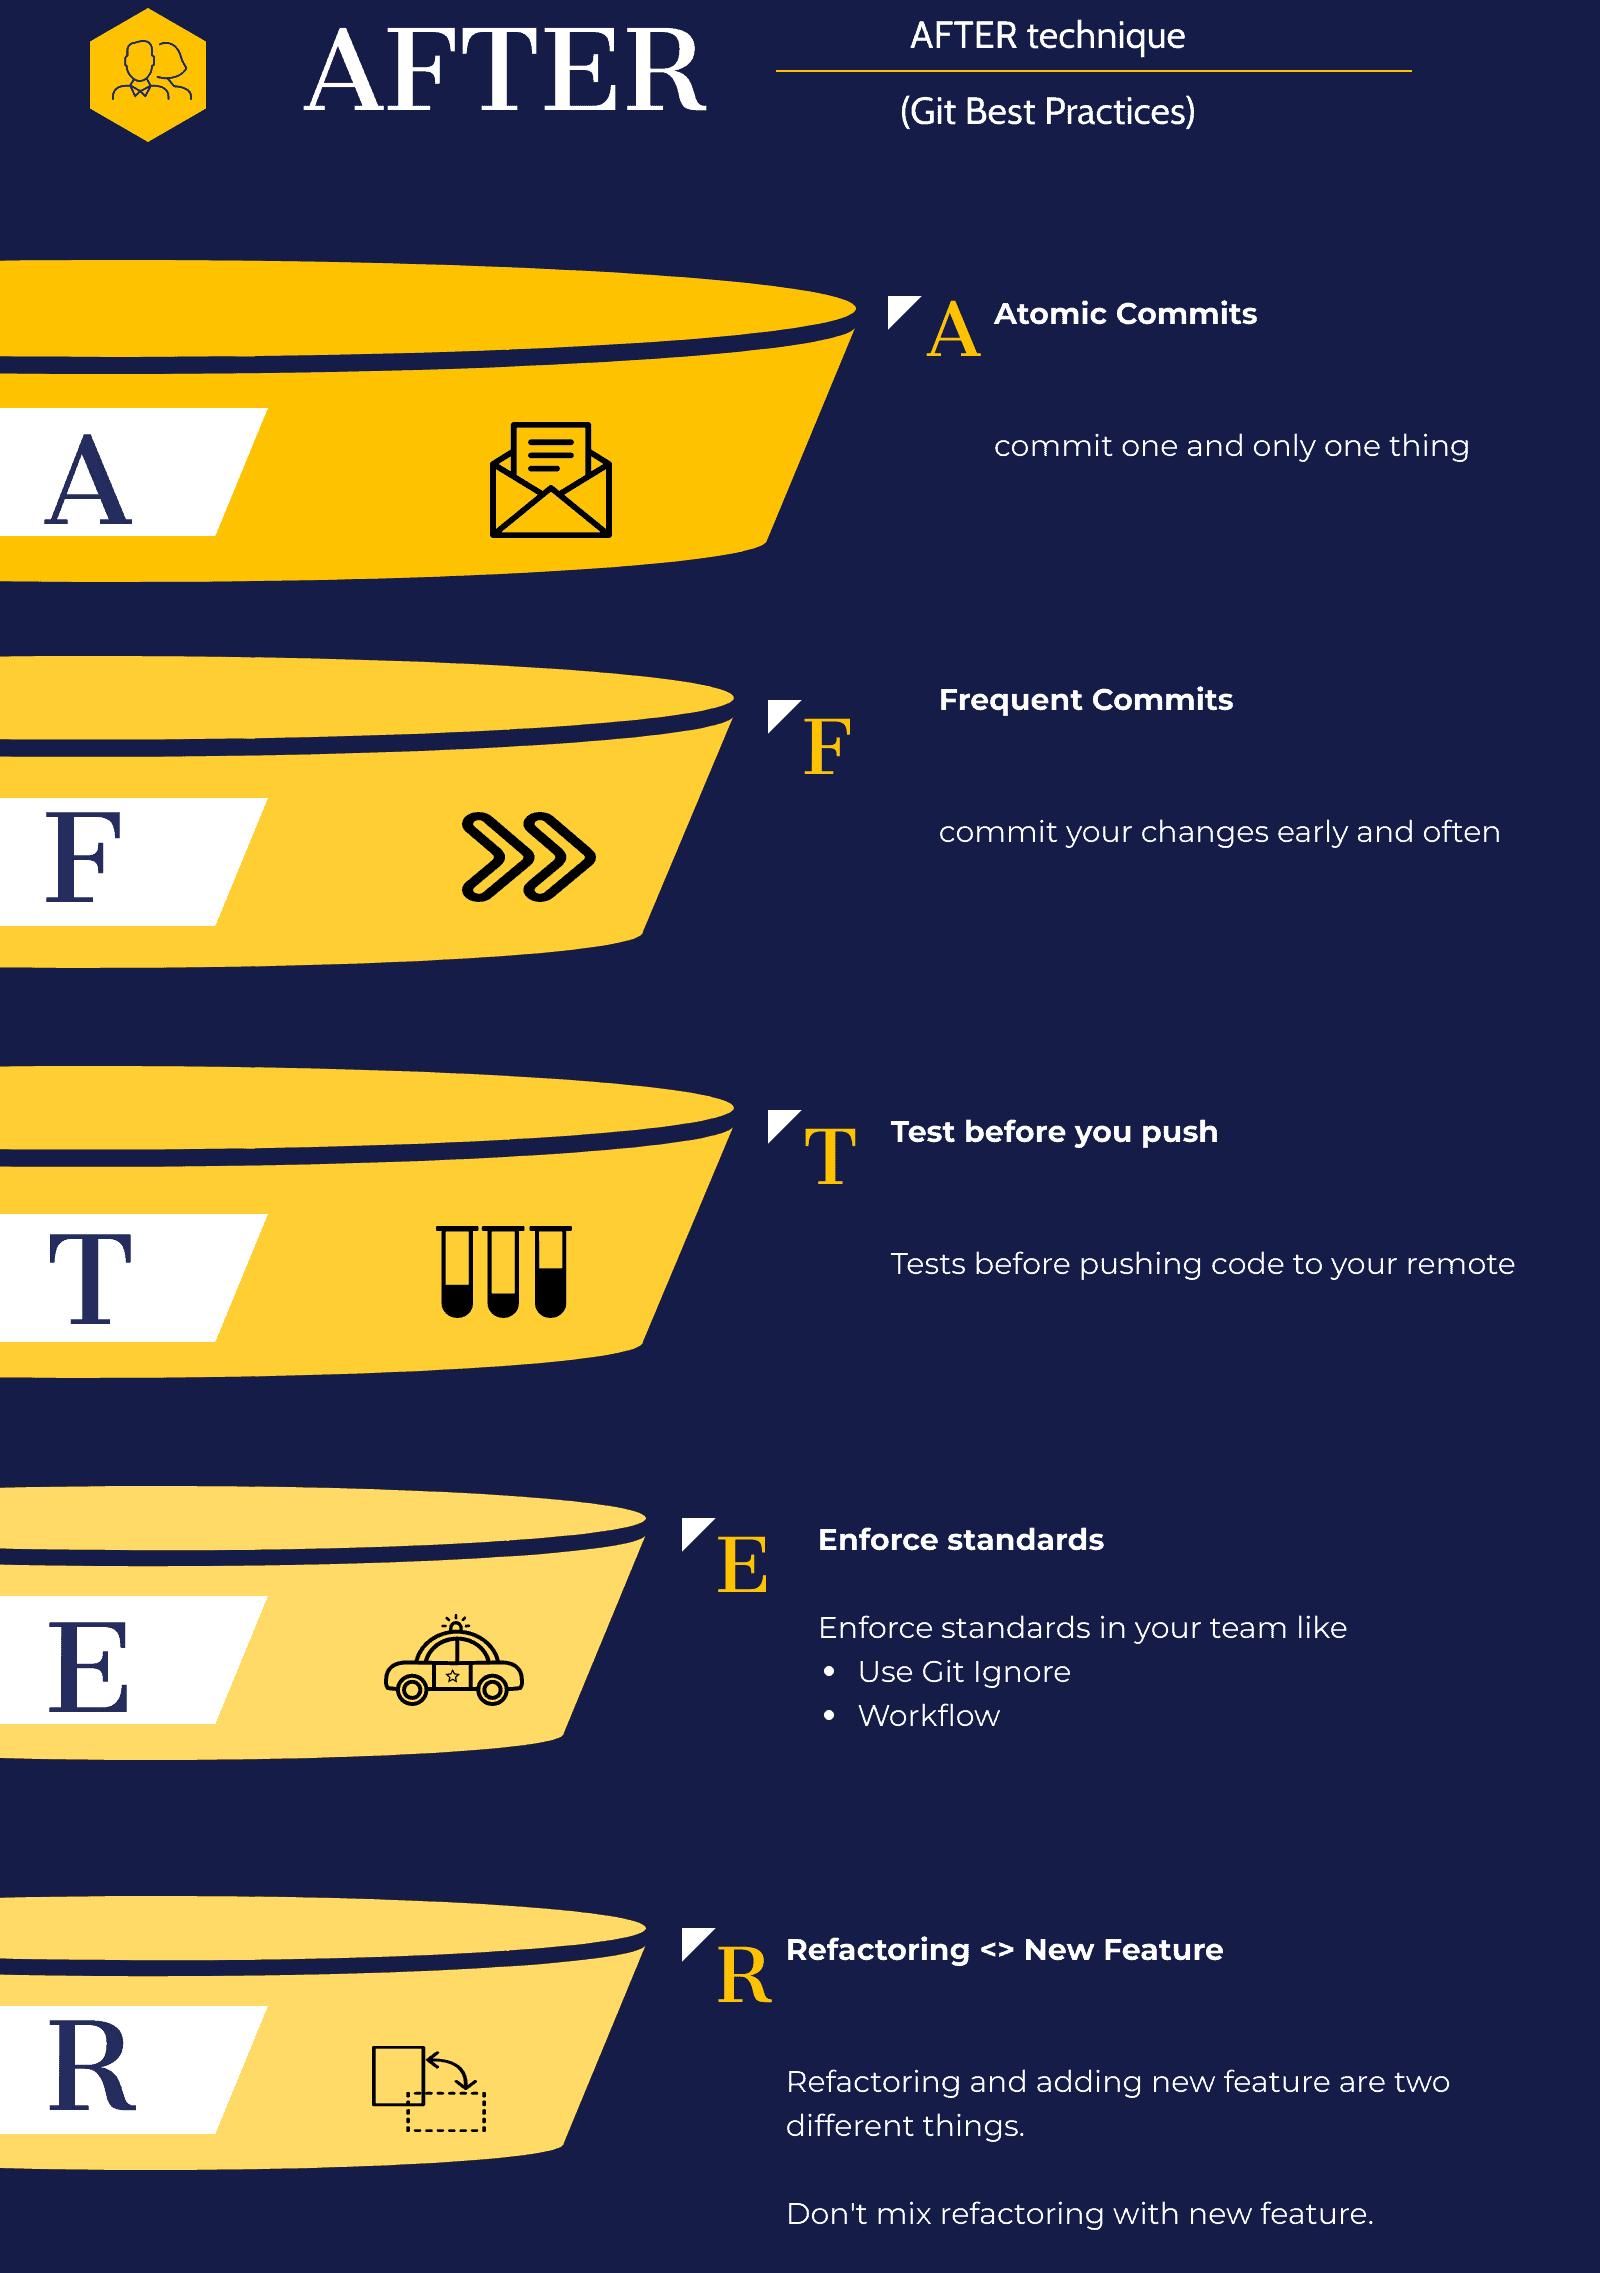 AFTER technique- Git Best Practices